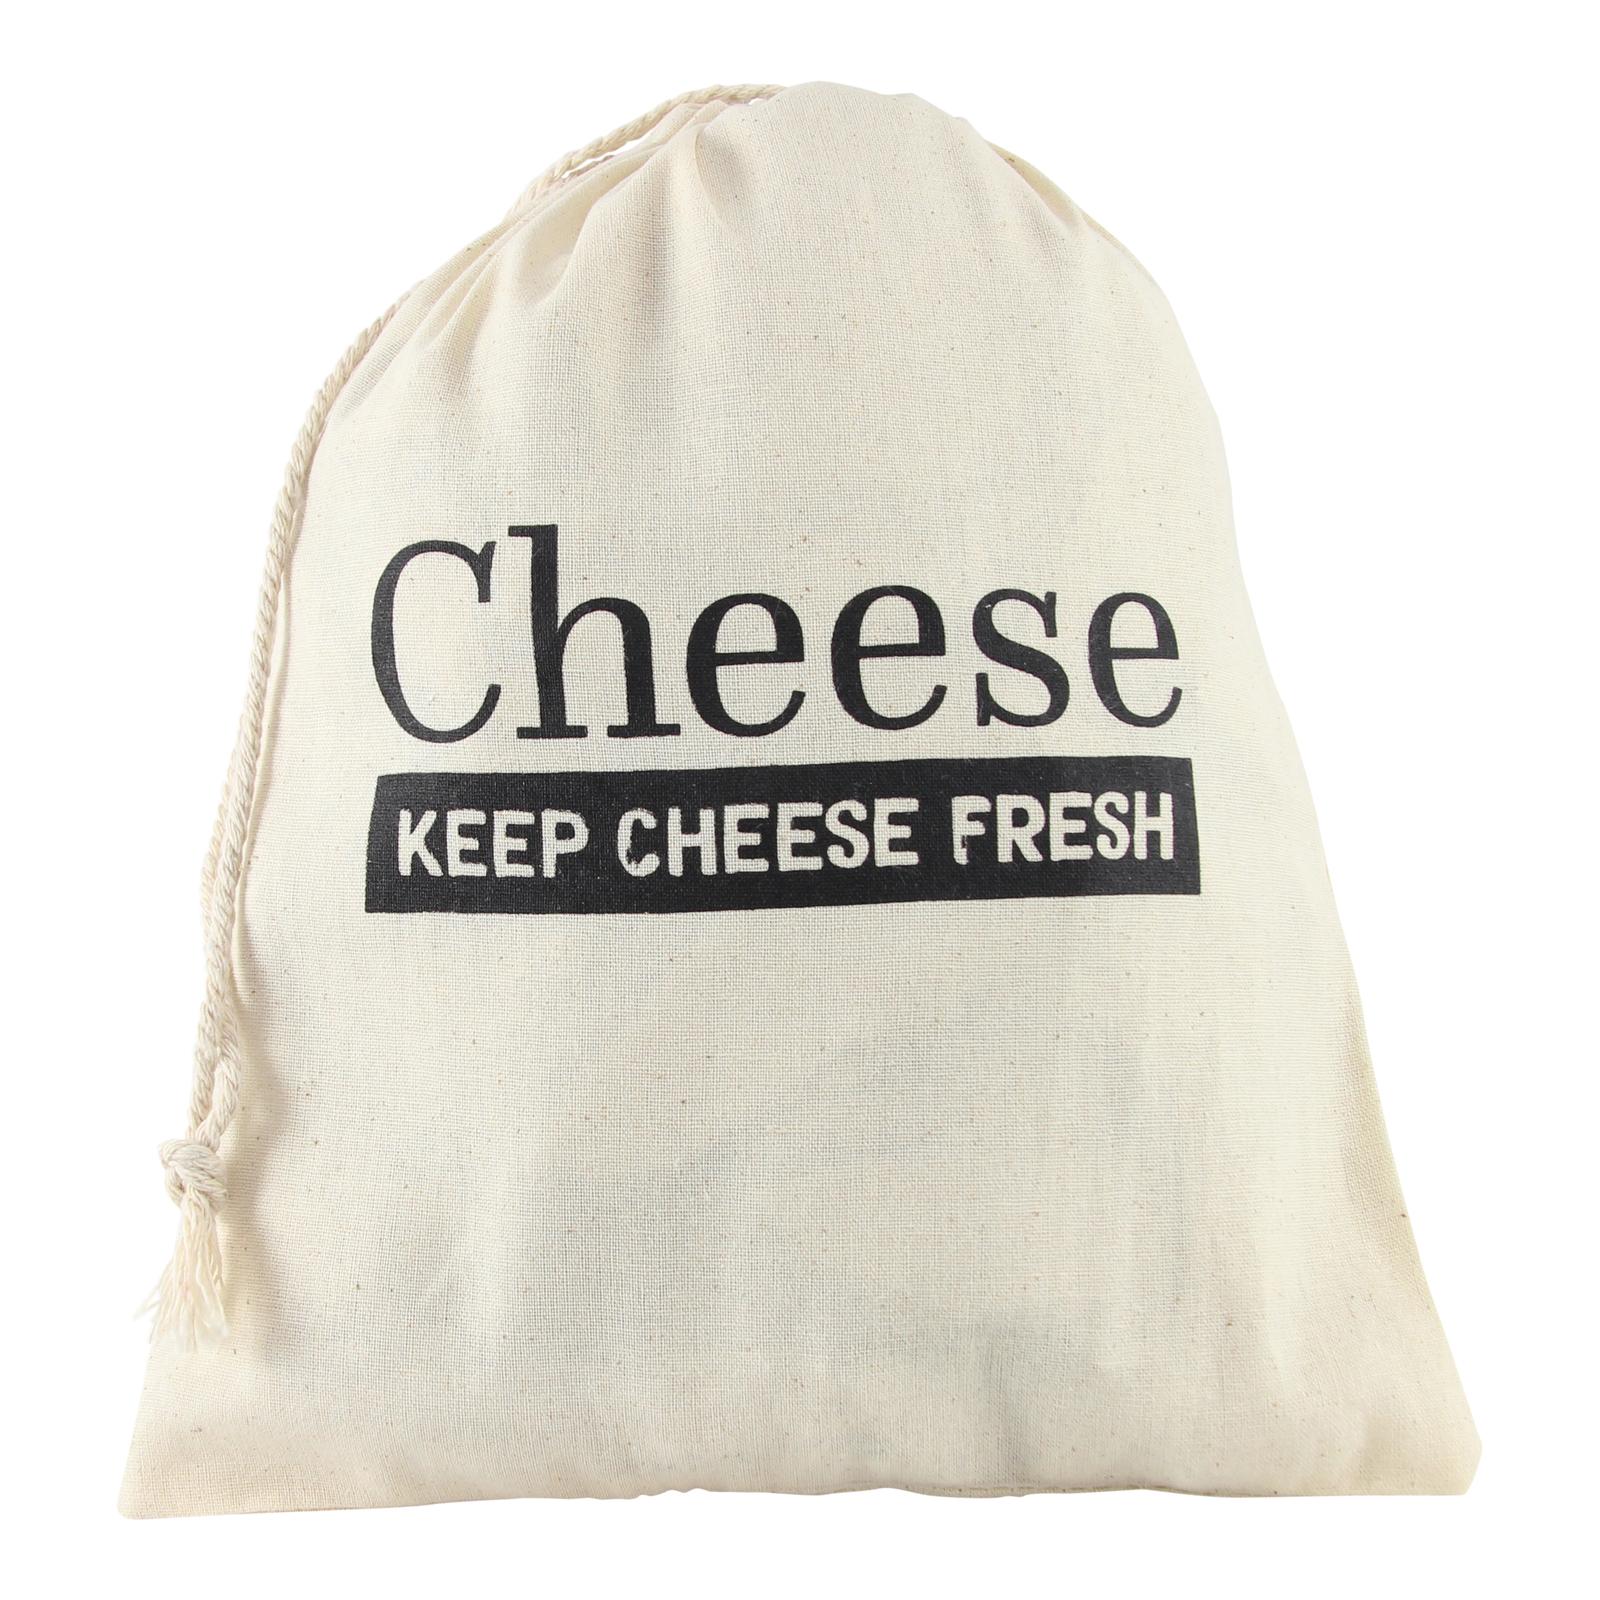 Cheese Bag image